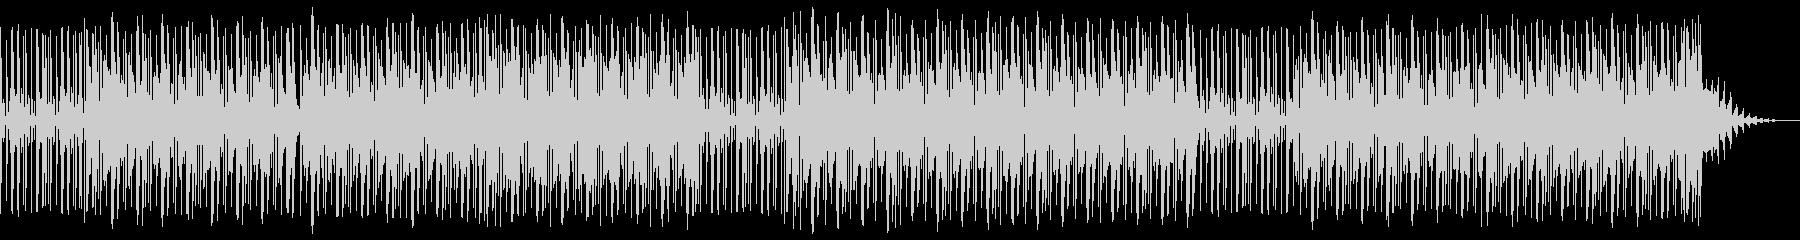 エモーショナルでメロウなヒップホップの未再生の波形